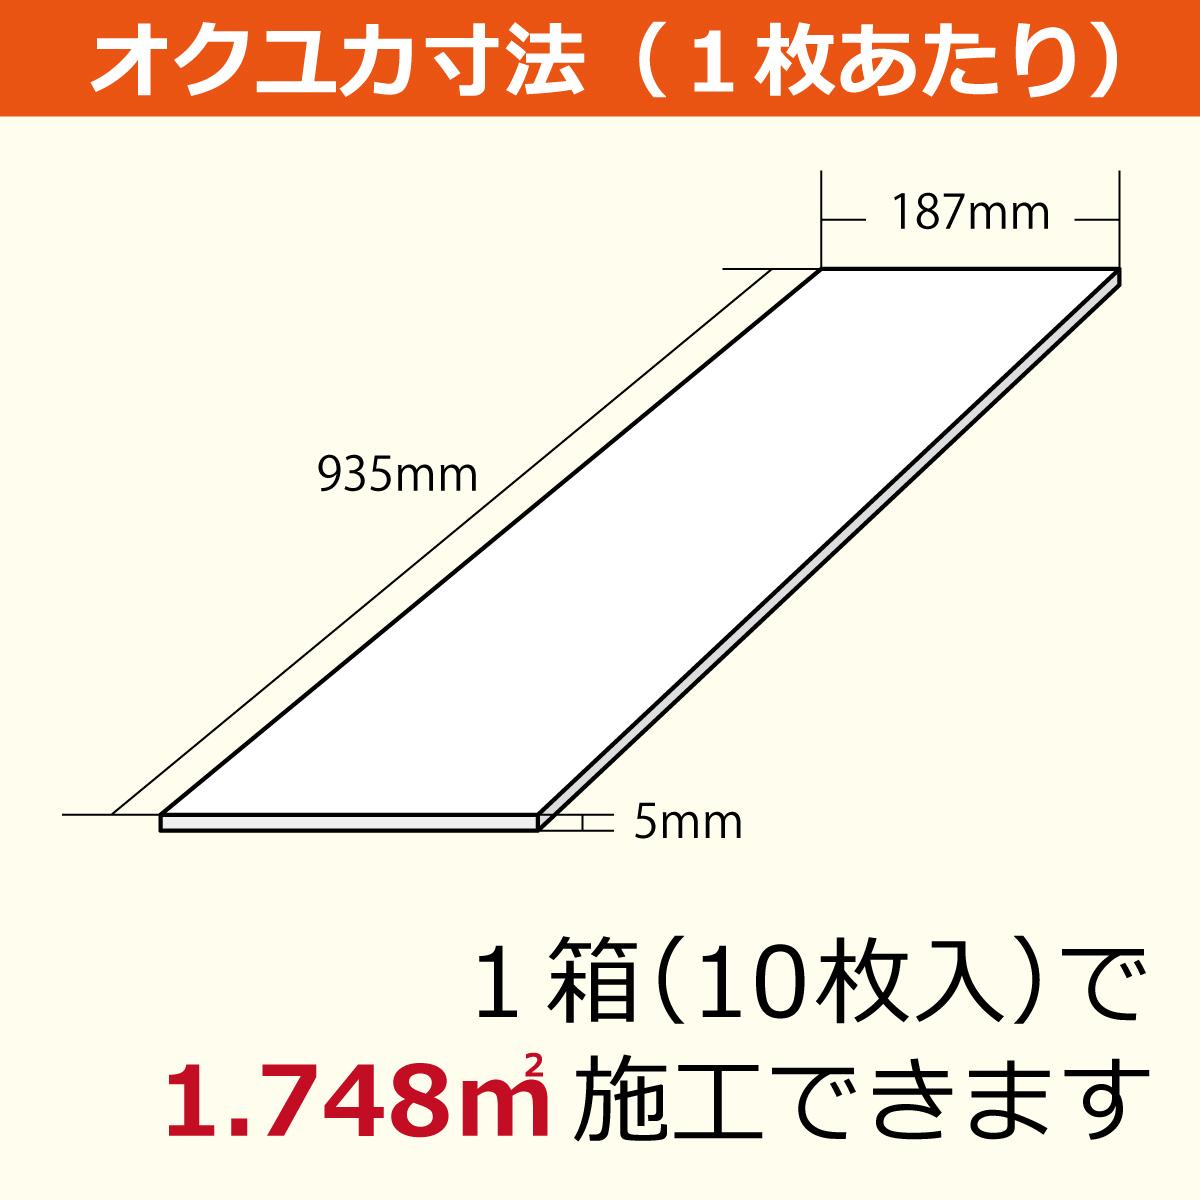 オクユカ寸法(1枚あたり)187ミリ×935ミリ×5ミリ 1箱(10枚入り)で1.748平方メートル施工できます